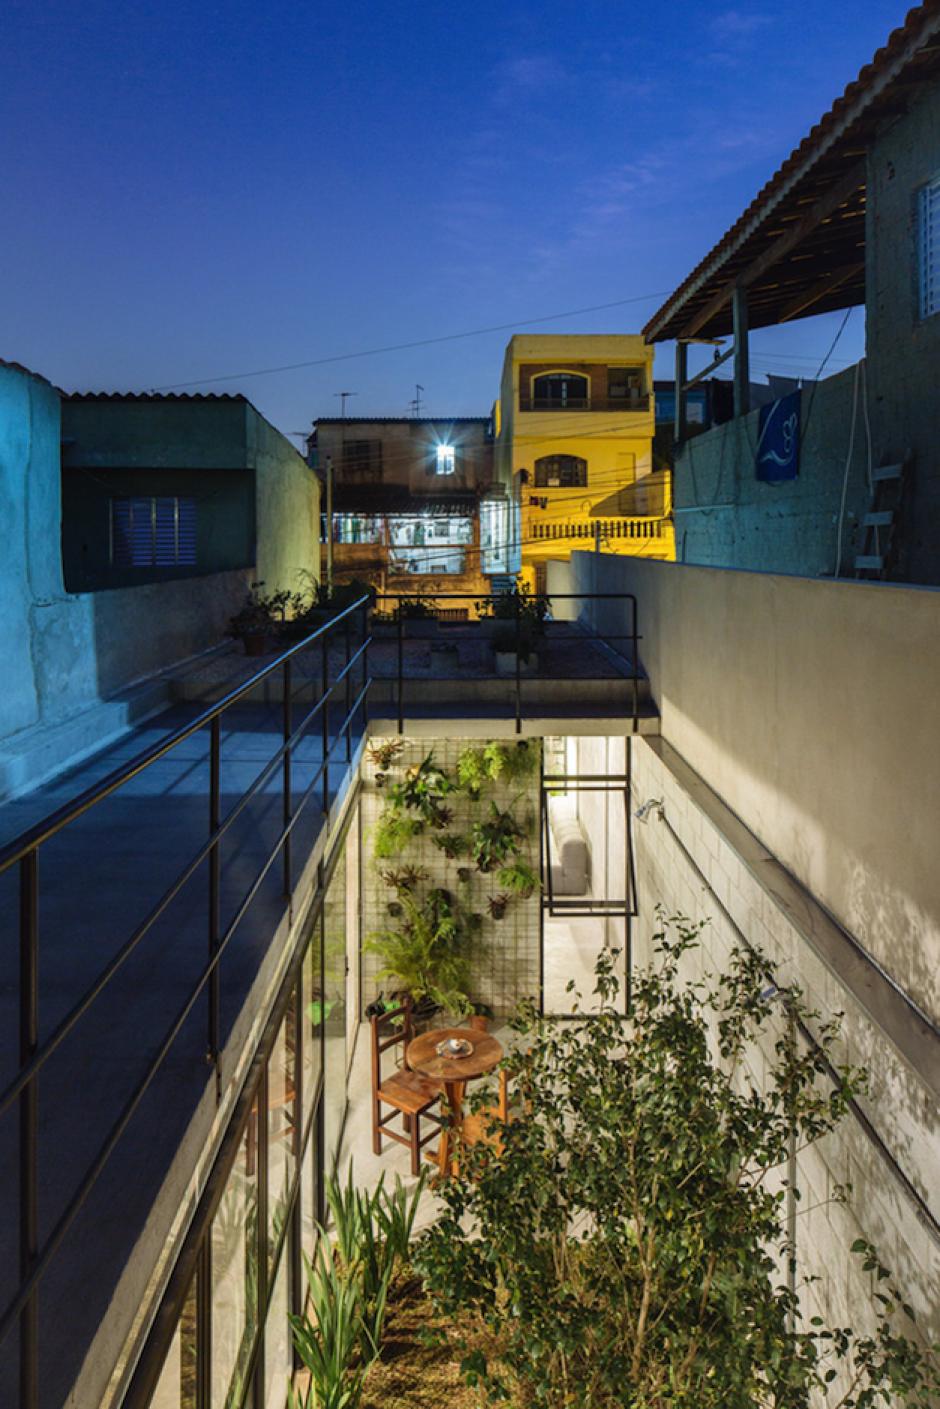 La arquitectura también es parte de las charlas de diseño. (Foto: Terra e Tuma)